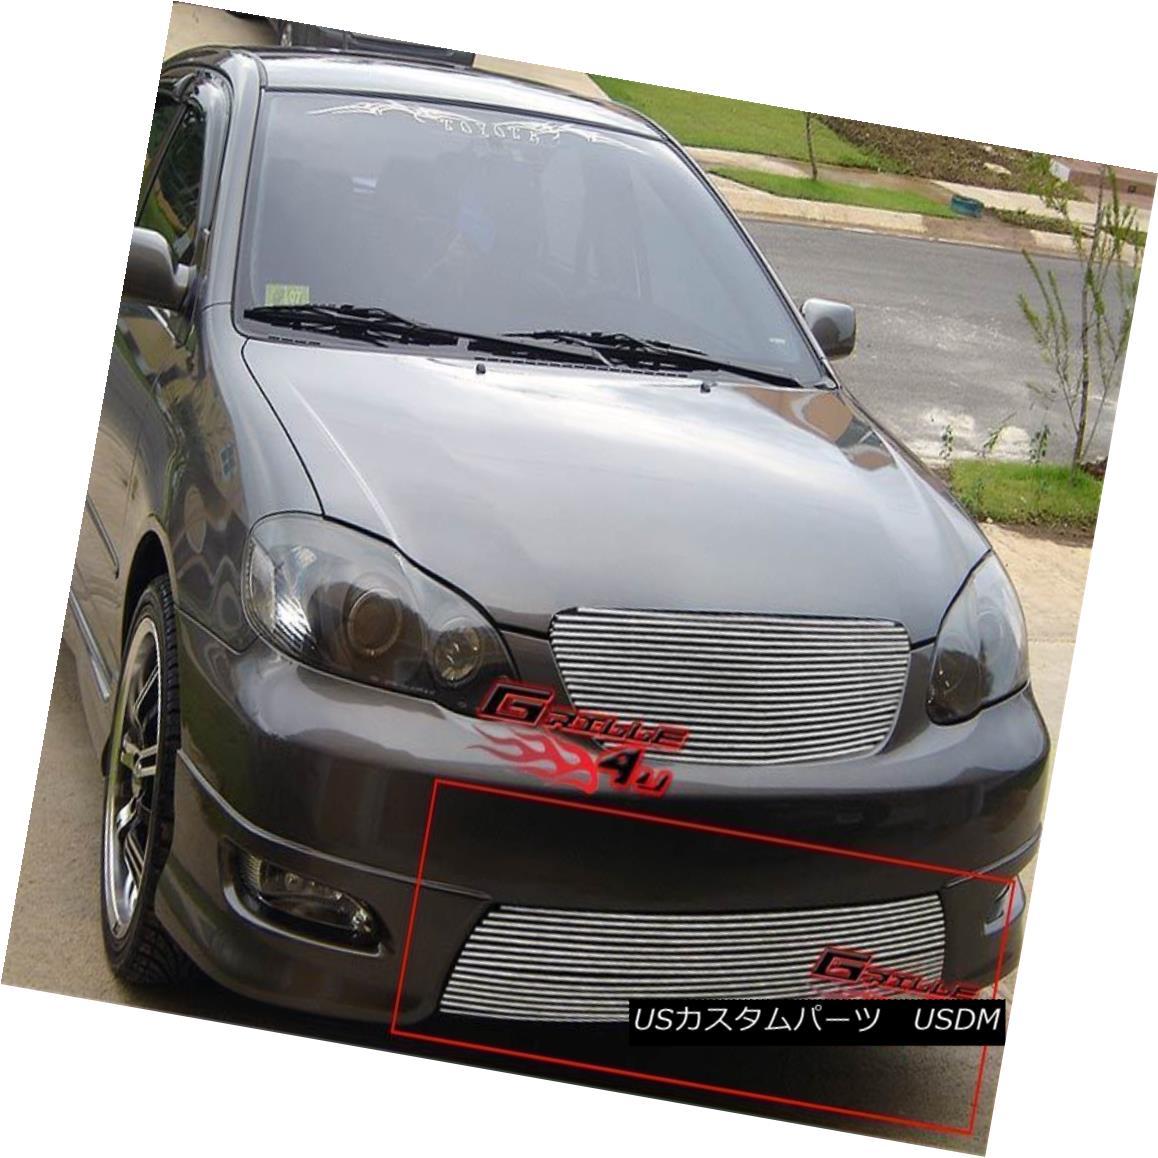 グリル Fits 2005-2008 Toyota Corolla Lower Bumper Billet Grille Insert フィット2005-2008トヨタカローラロワーバンパービレットグリルインサート